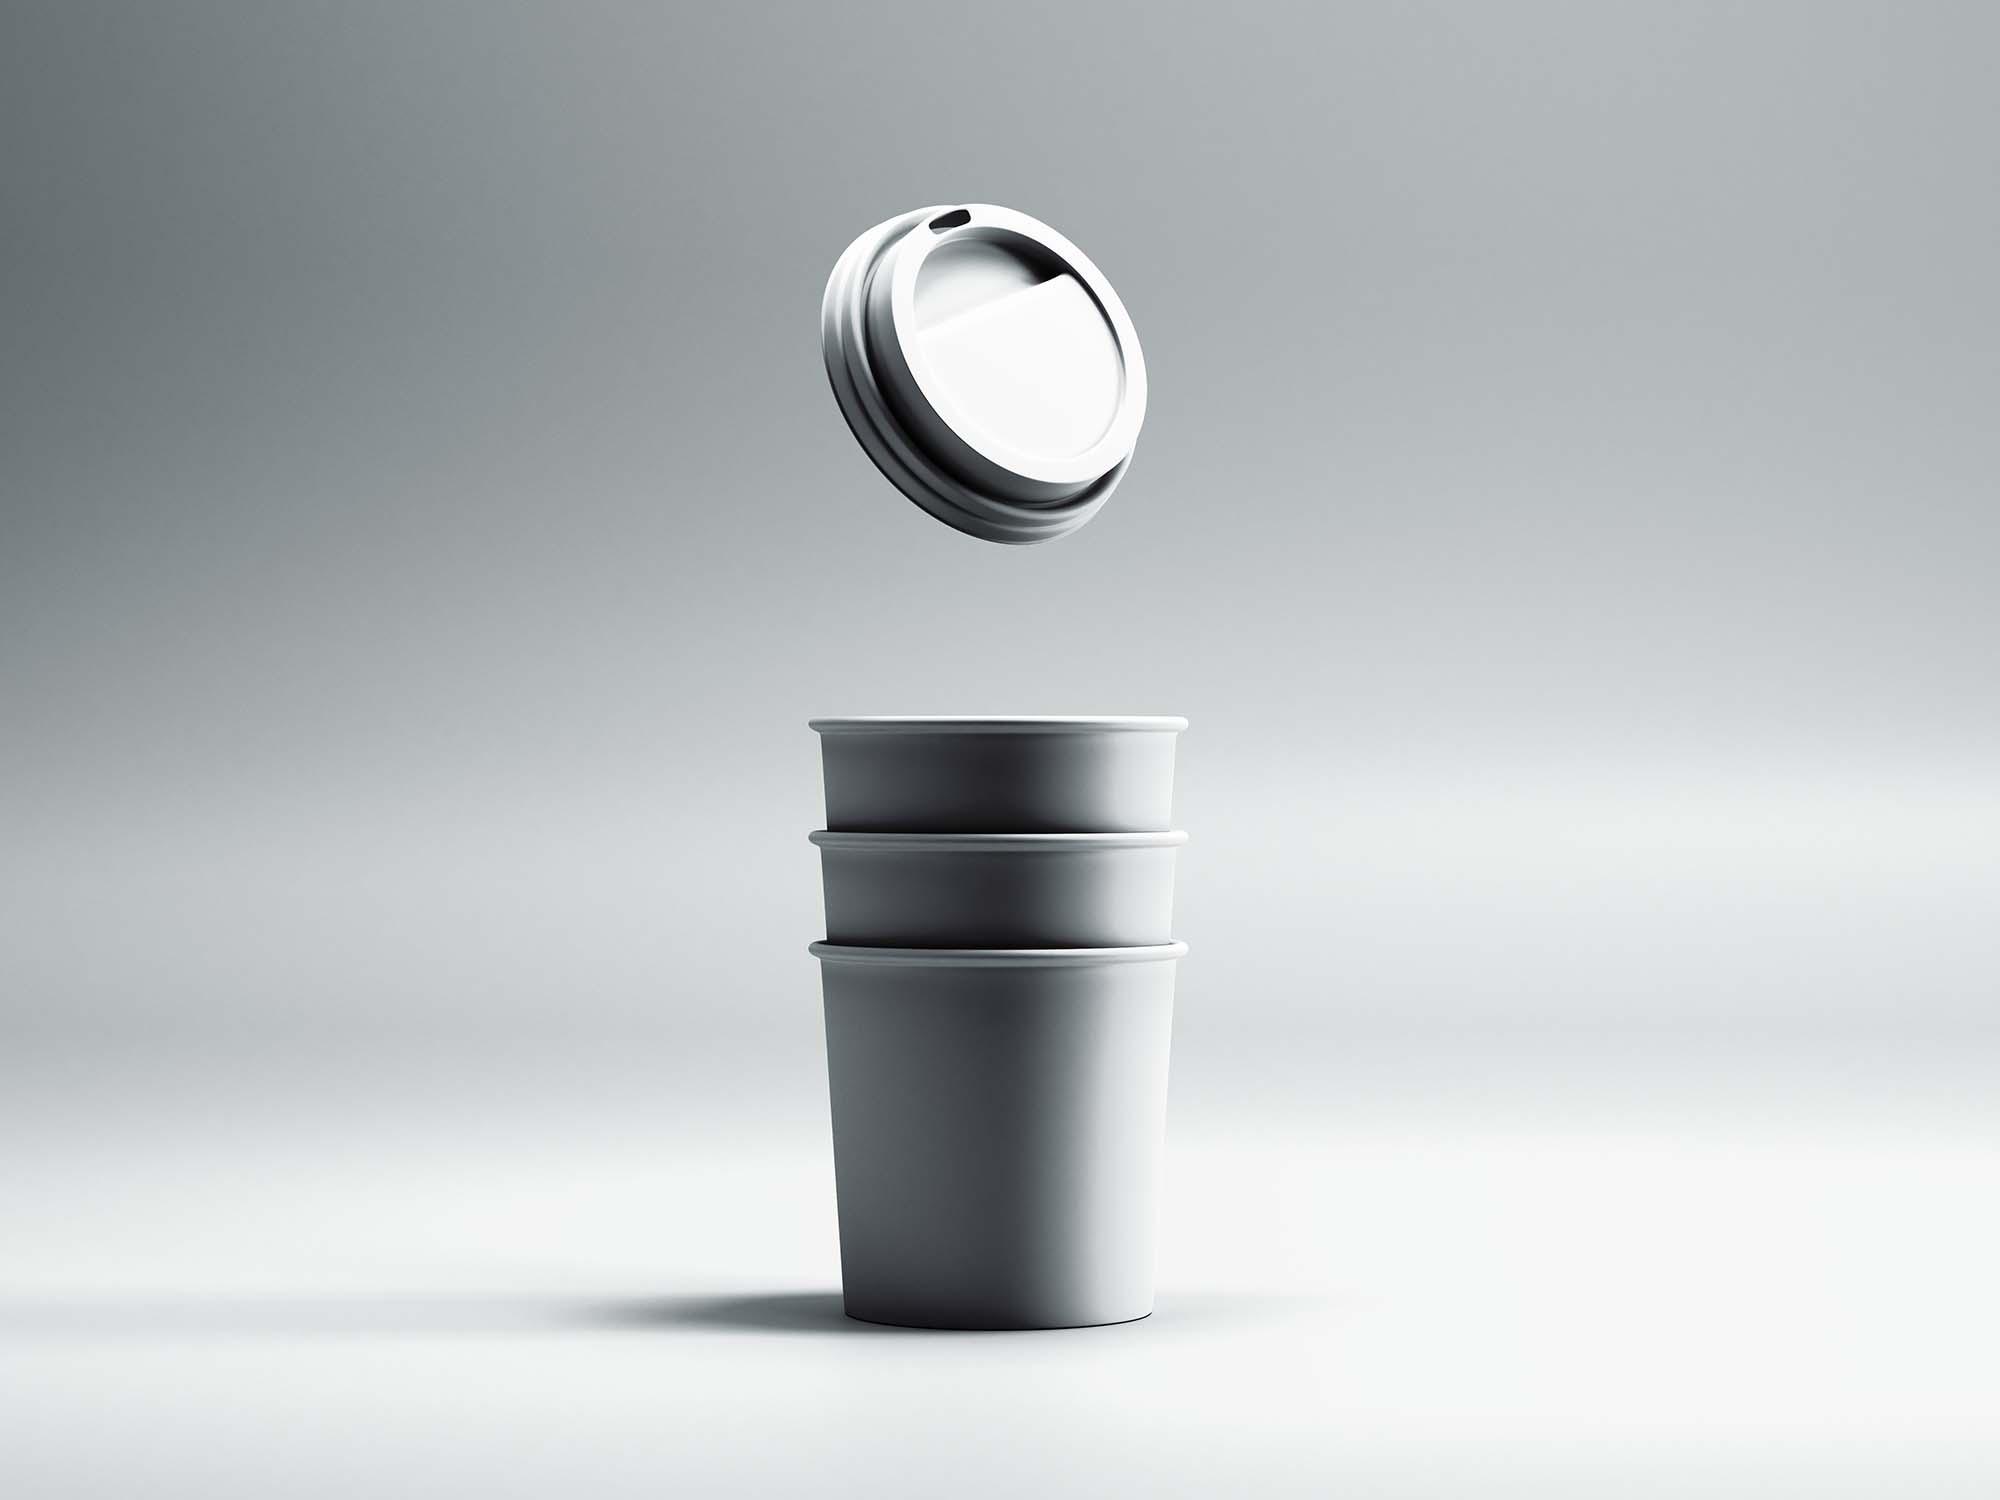 Mini Coffee Cup Mockup 2